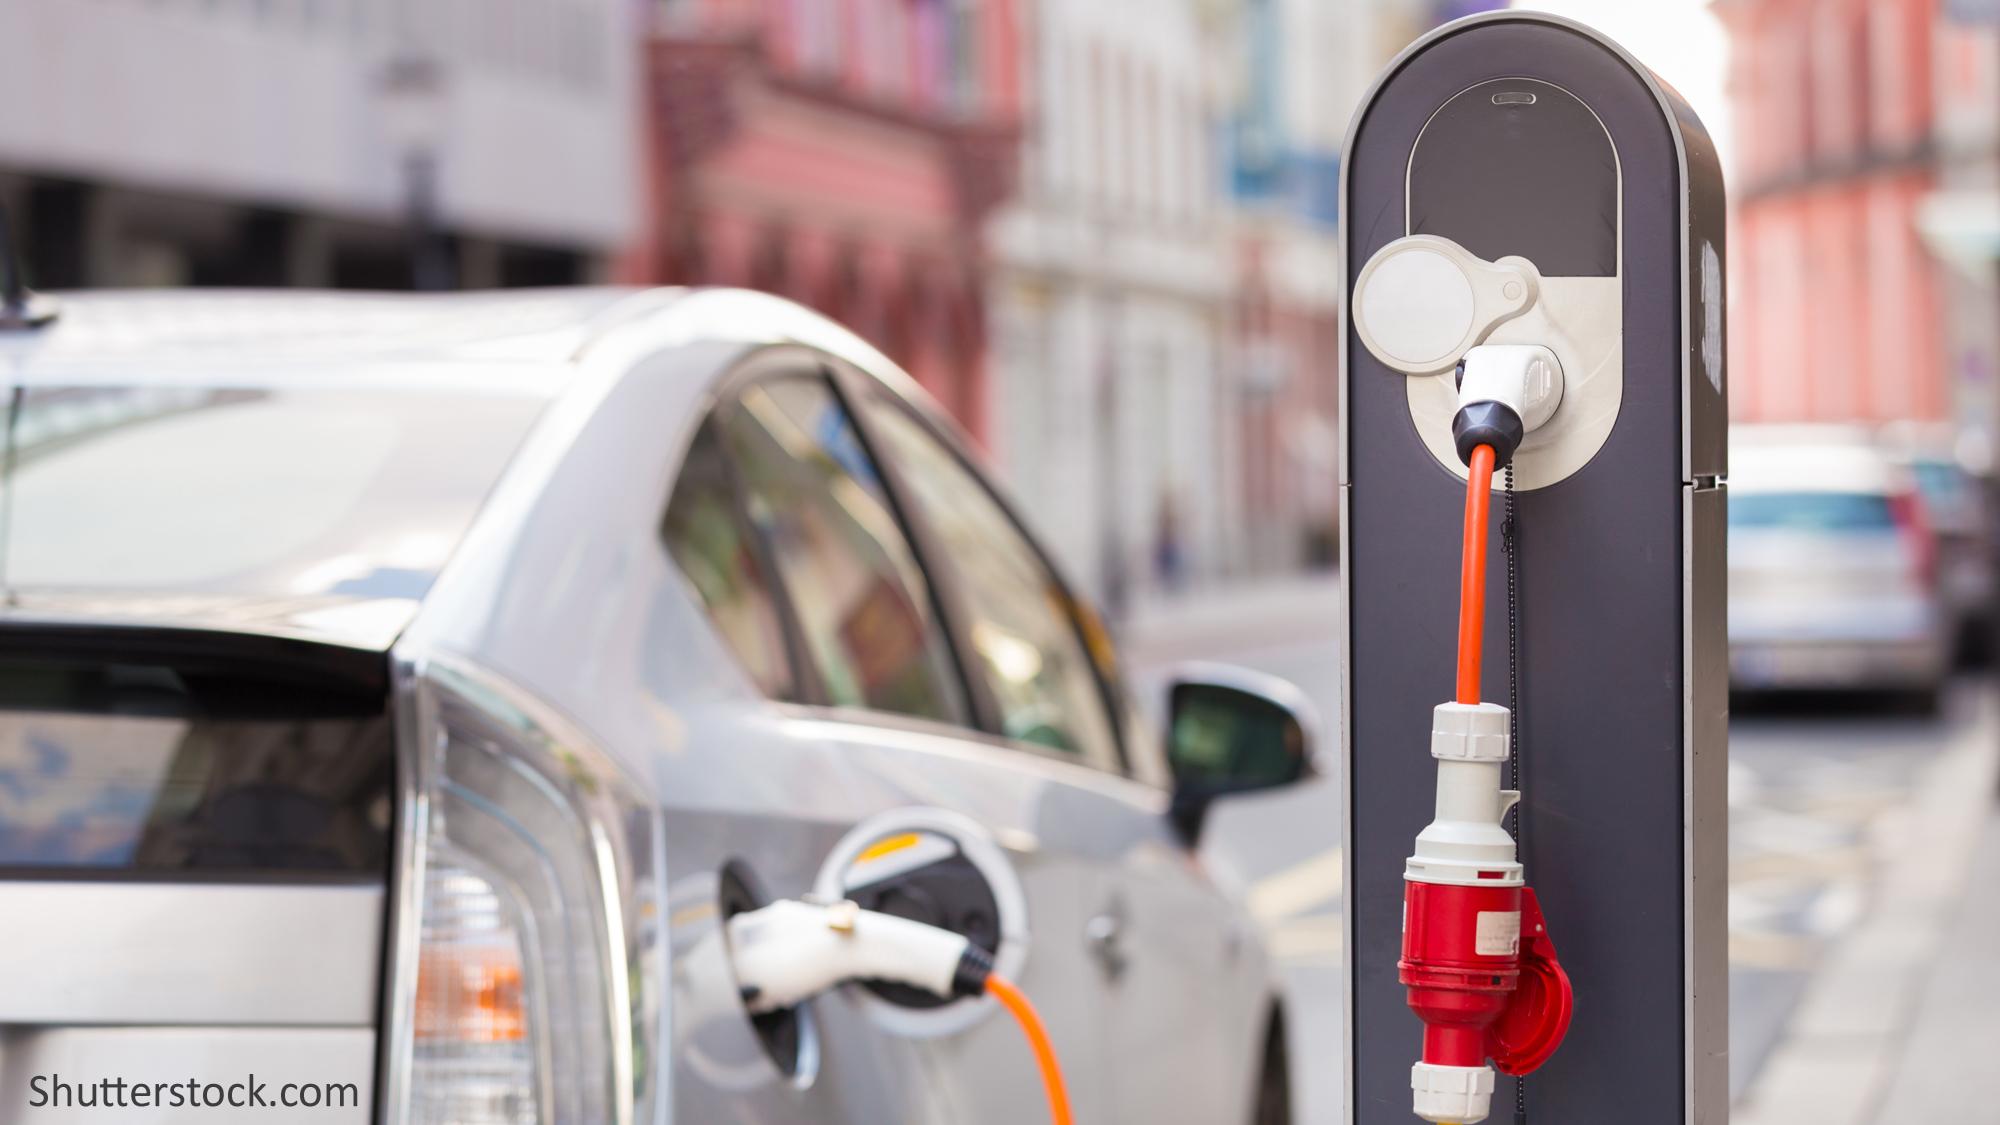 Elektromobilität: Prämie für Elektroautos handwerklich unsauber